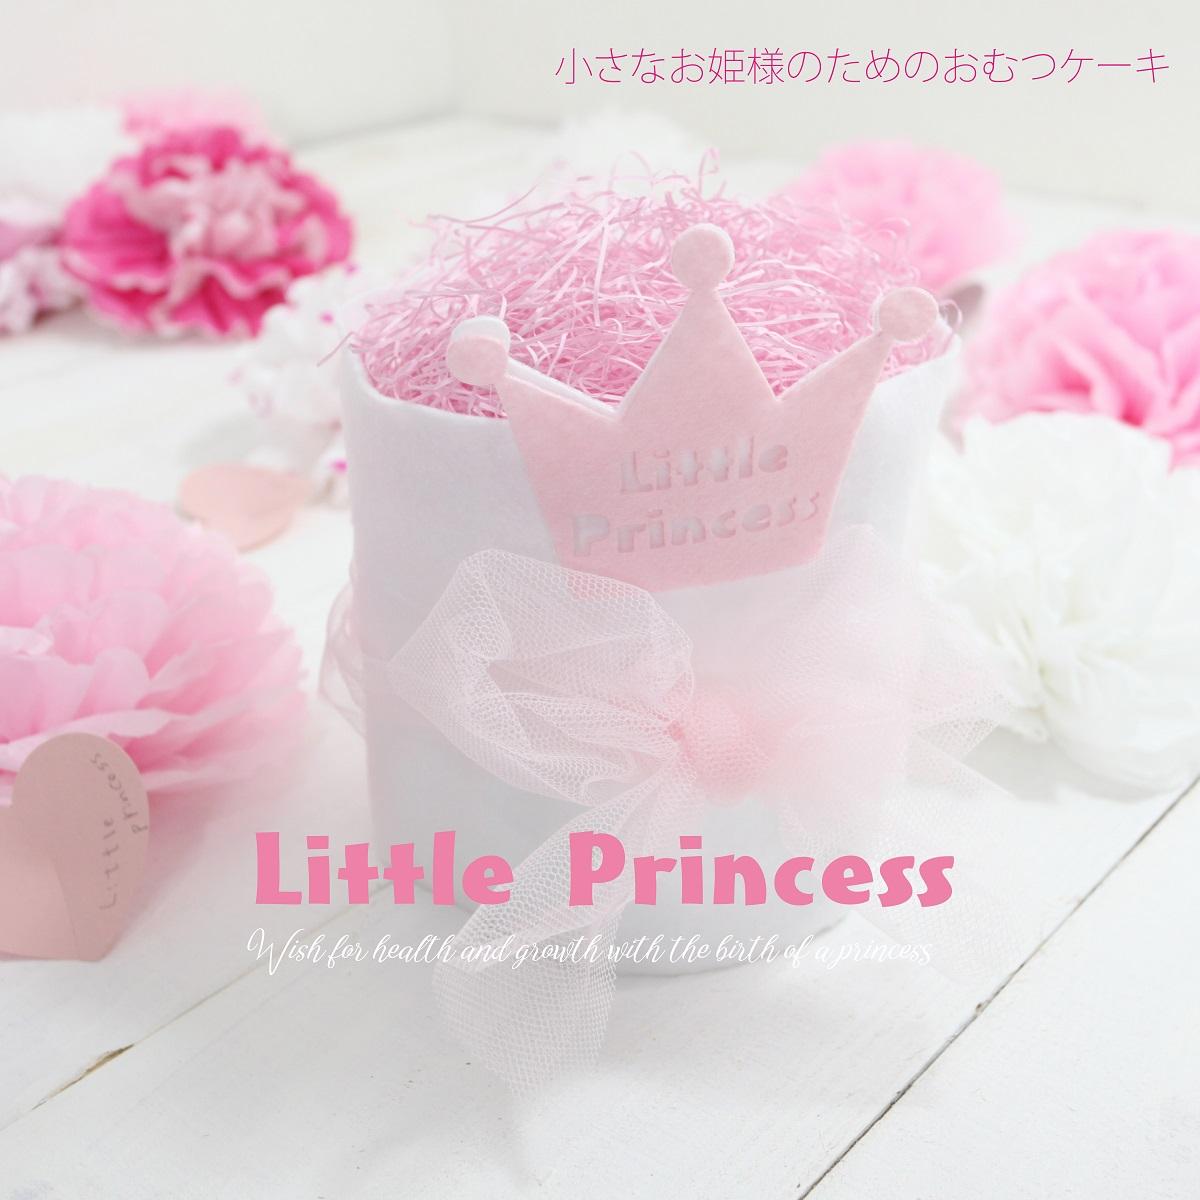 おむつケーキ Little Princess 小さなお姫様のためのおむつケーキ ミニ おむつサイズ Sテープ/Mパンツ 出産祝い 【送料無料】